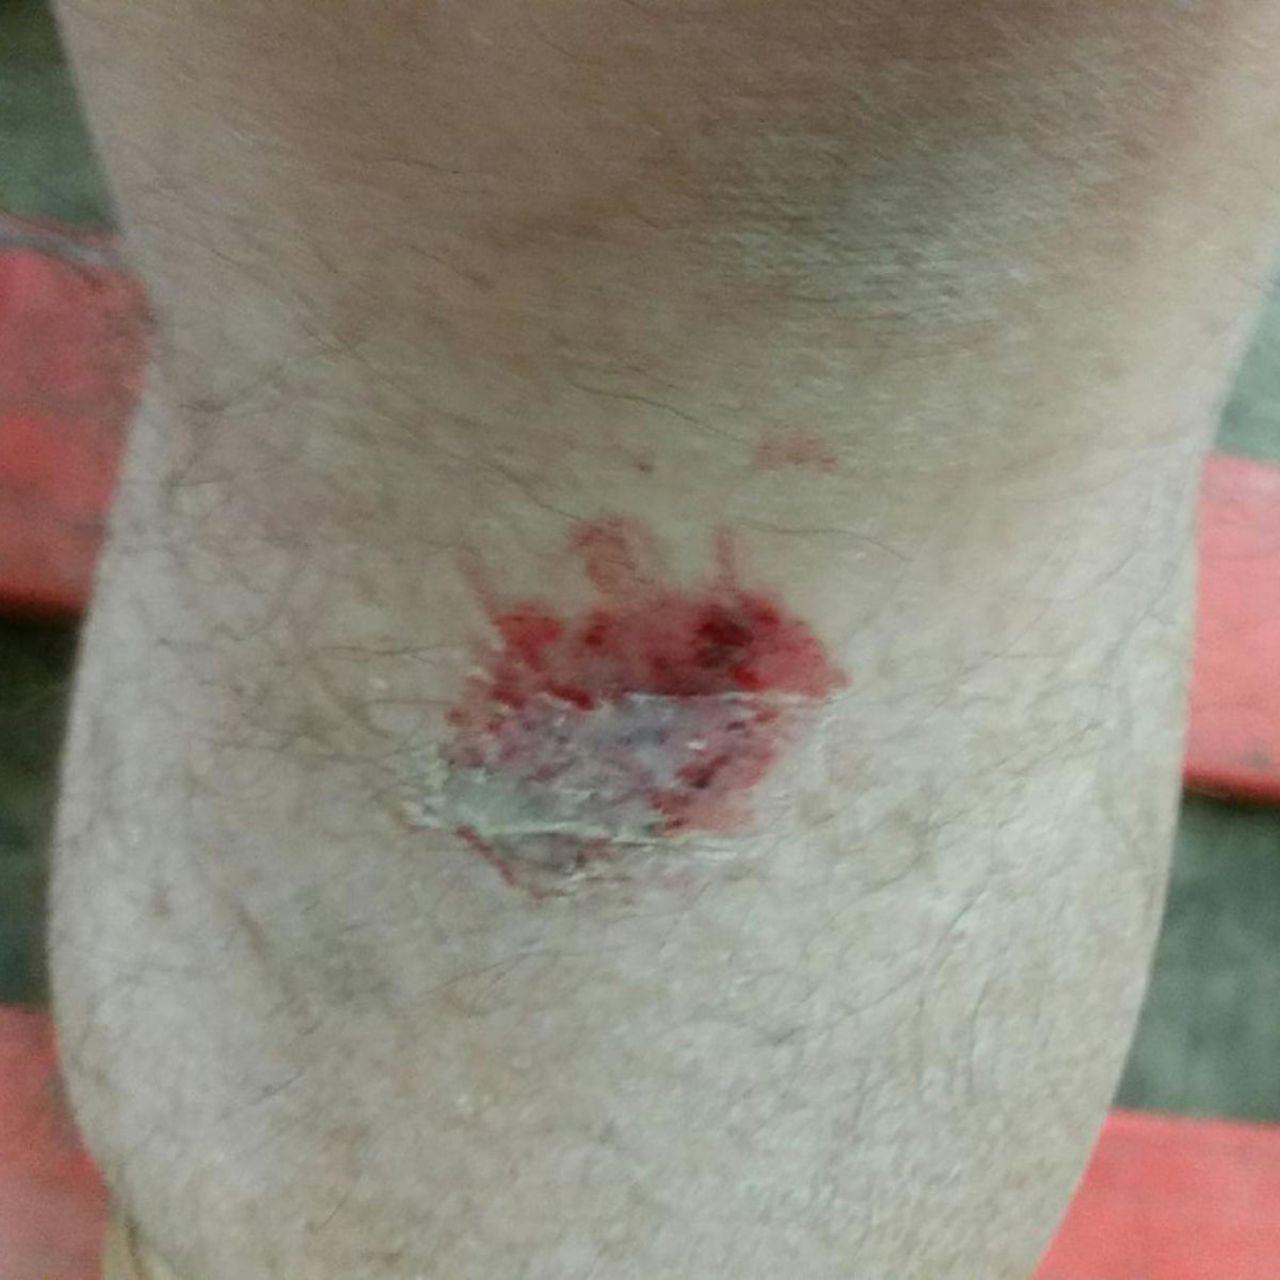 Morel-Lavallée Lesion Of The Anterior Leg: A Rare